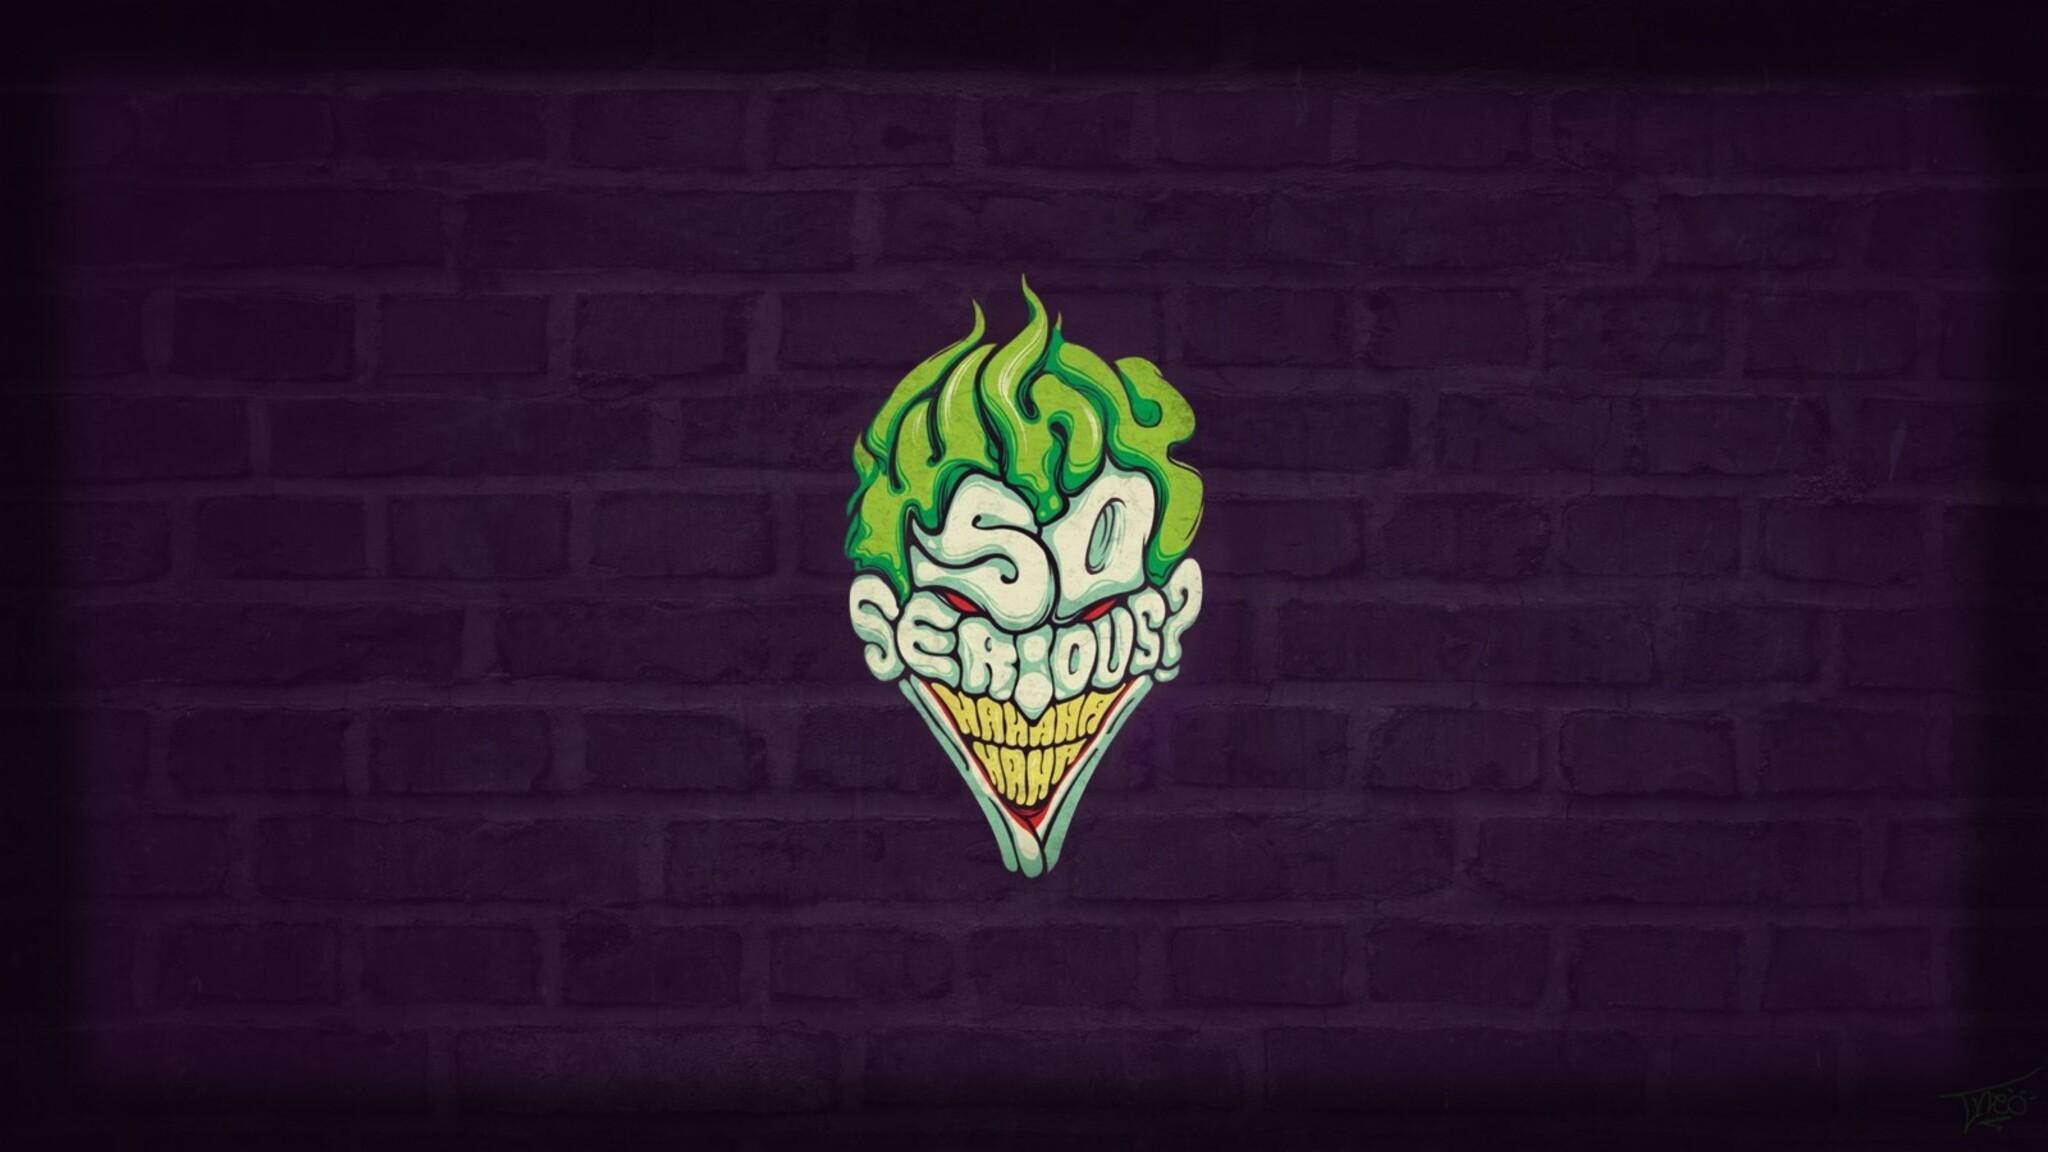 2048x1152 so serious joker 2048x1152 resolution hd 4k for 2048x1152 wallpaper